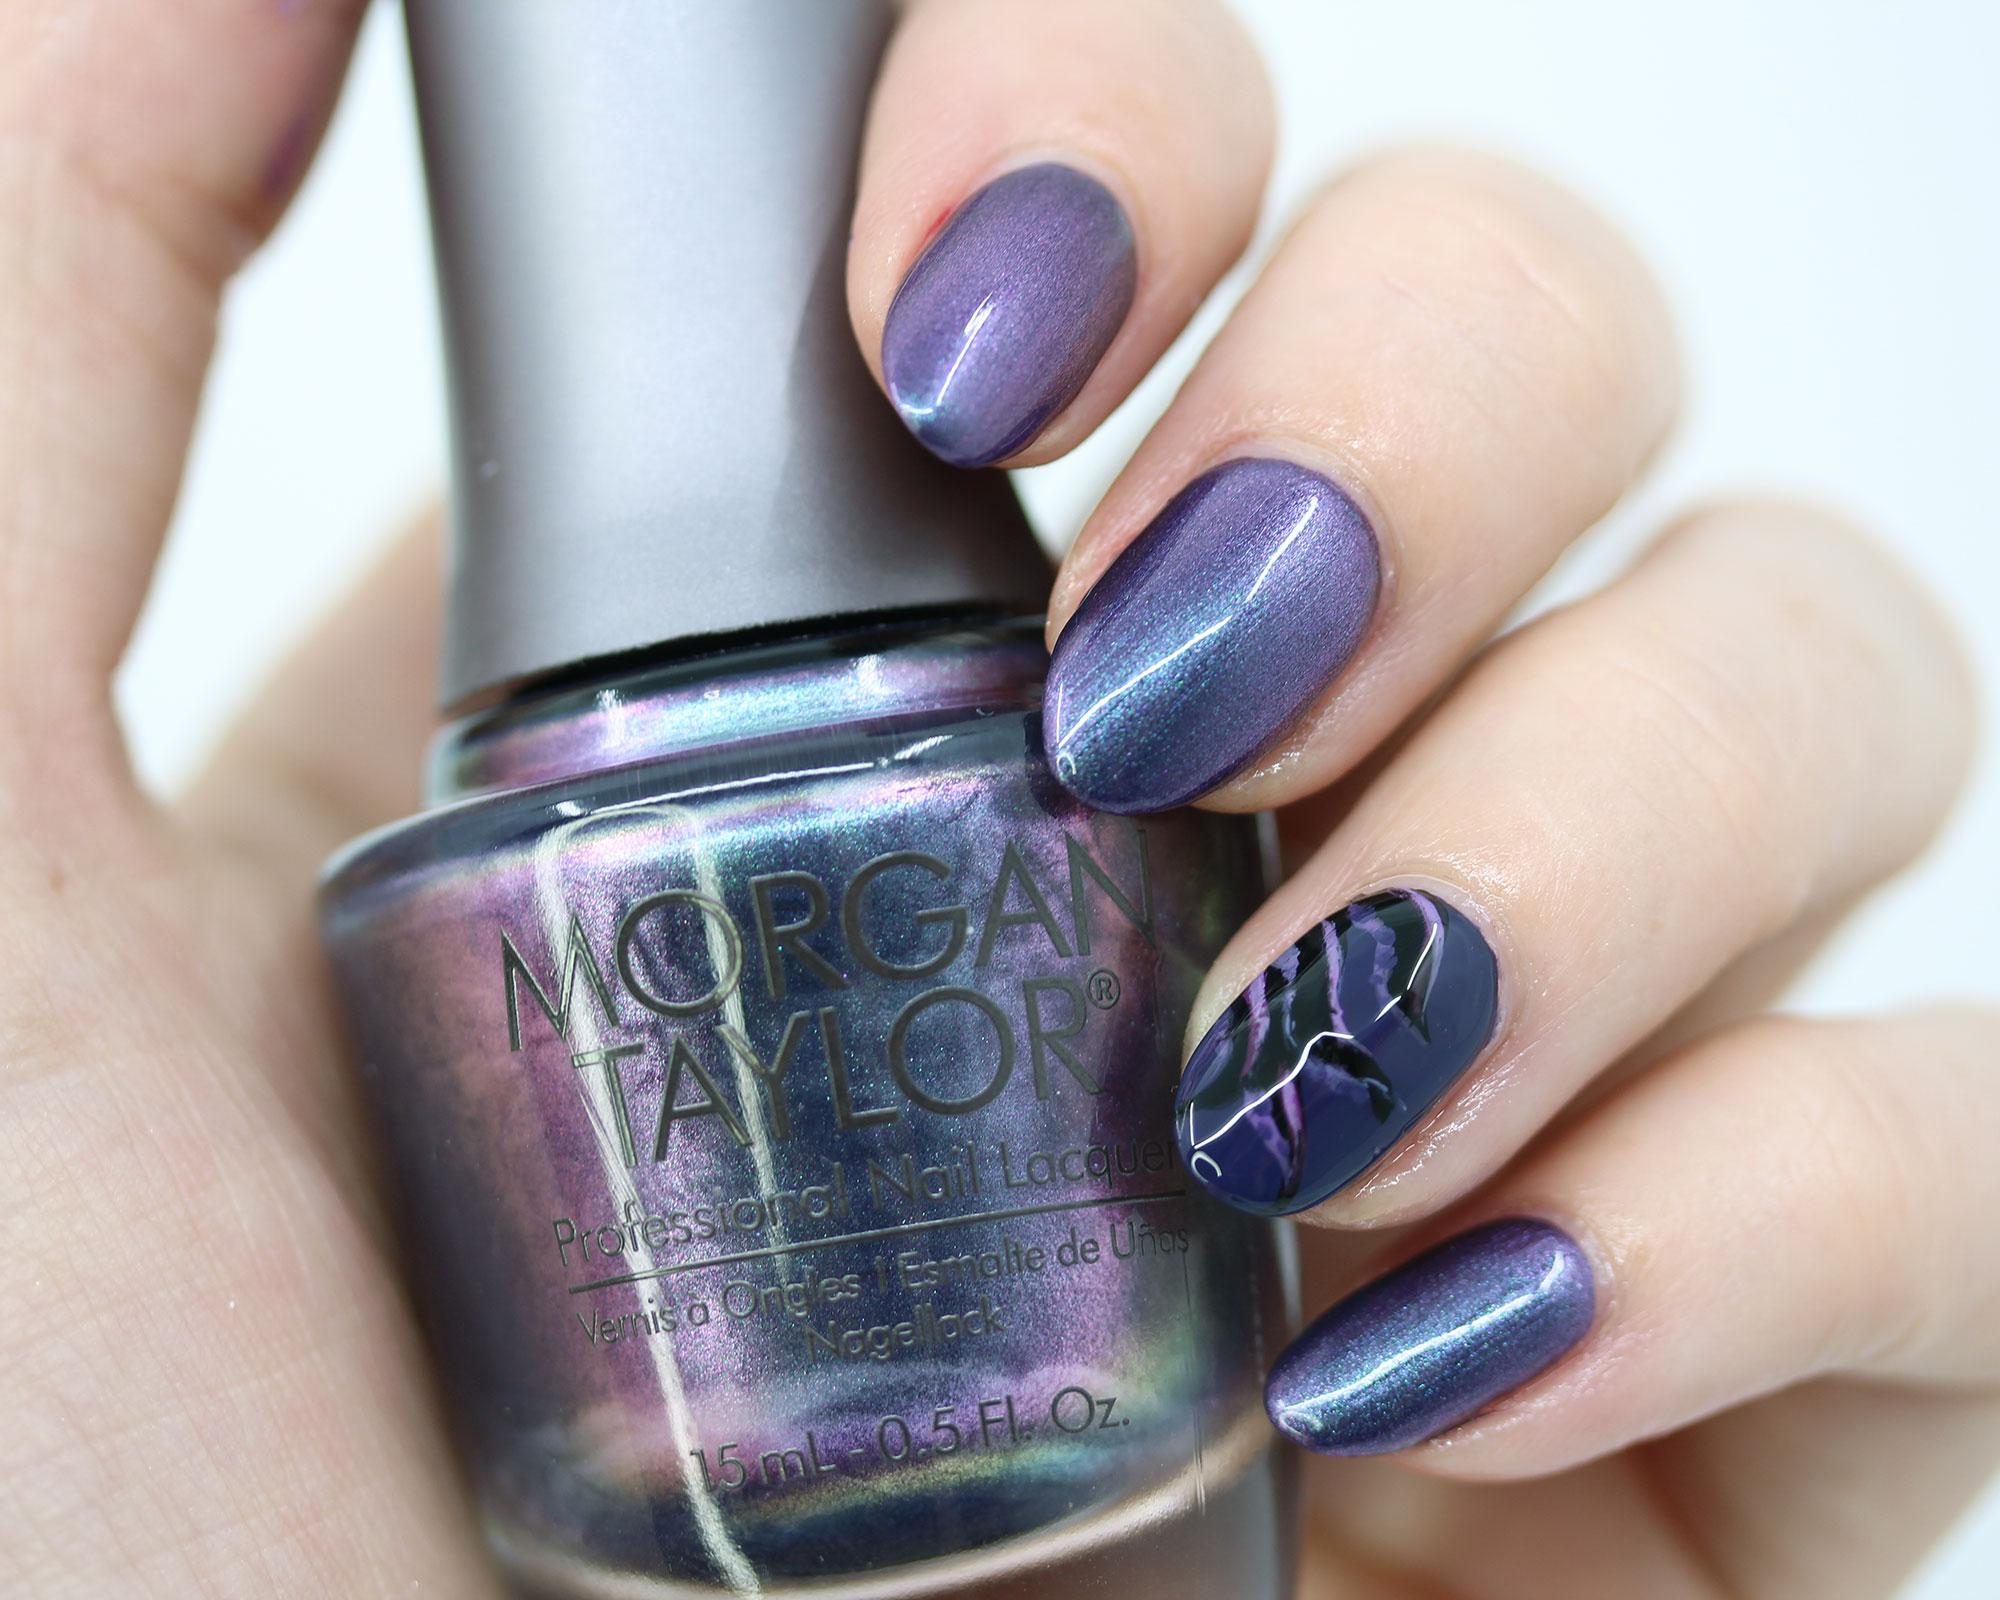 Morgan Taylor Make 'Em Squirm - Disney Ursula inspired nail polish